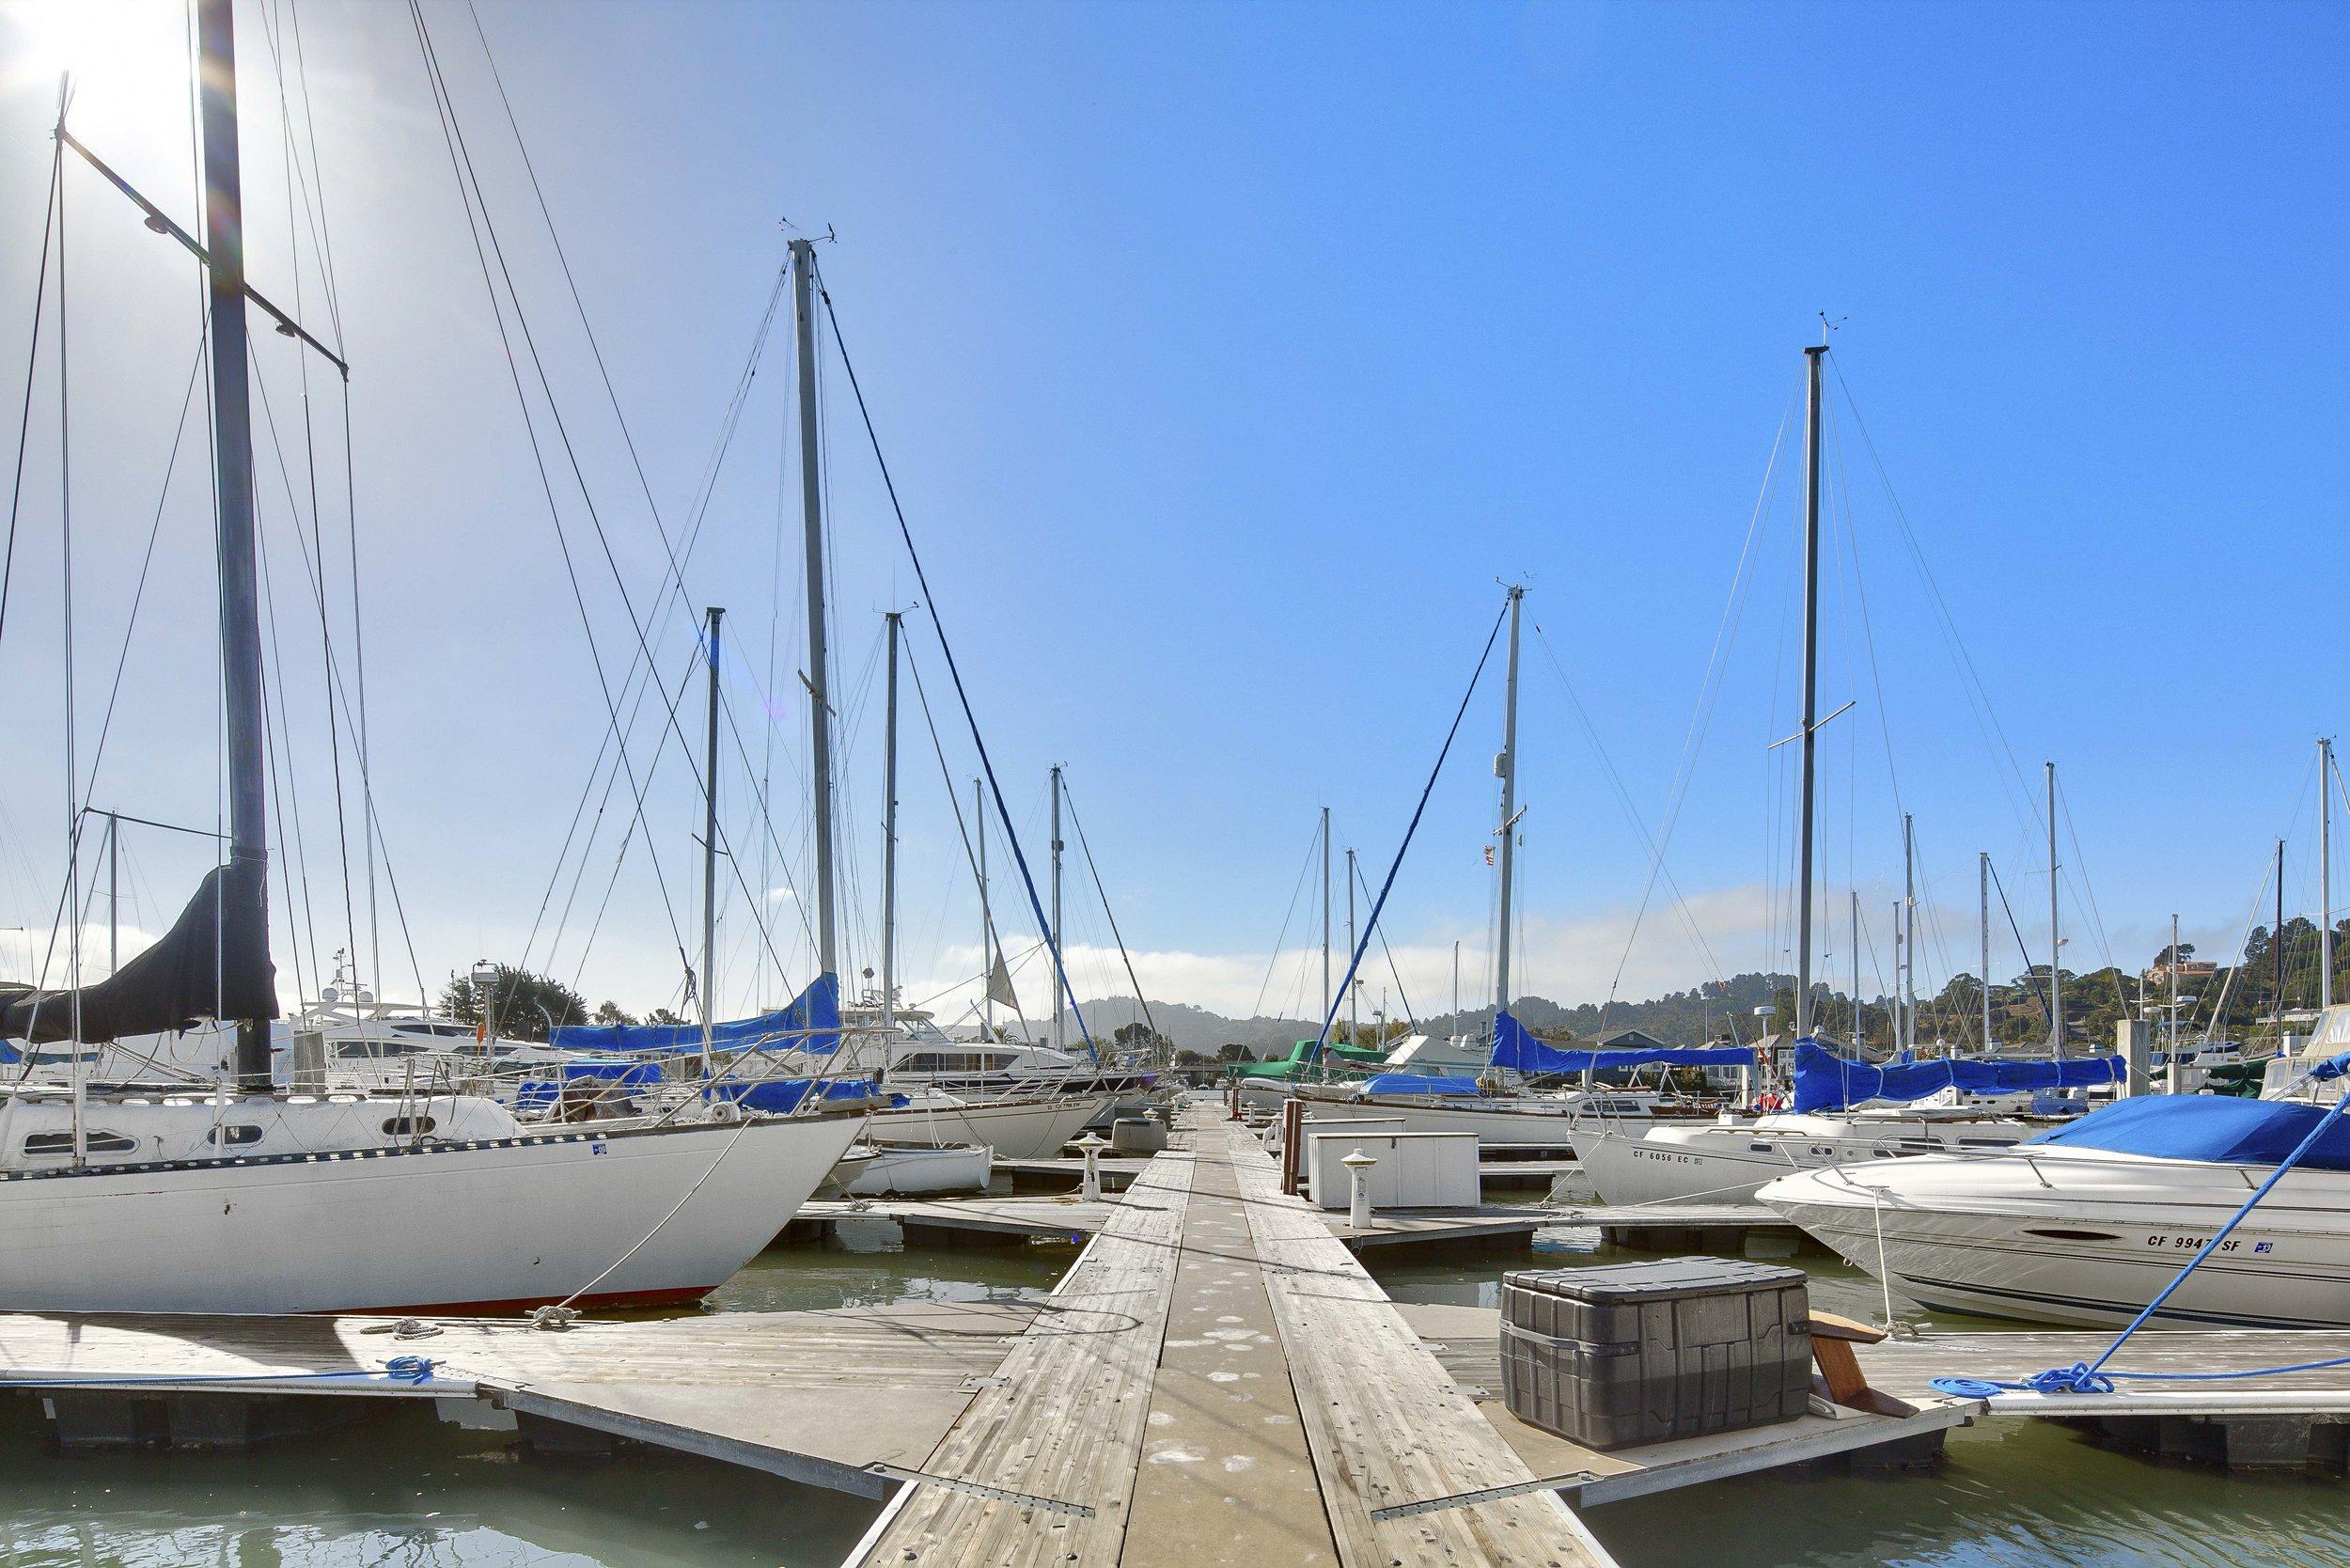 Paradis-Cay-Yacht-Harbor (8 of 10).jpg